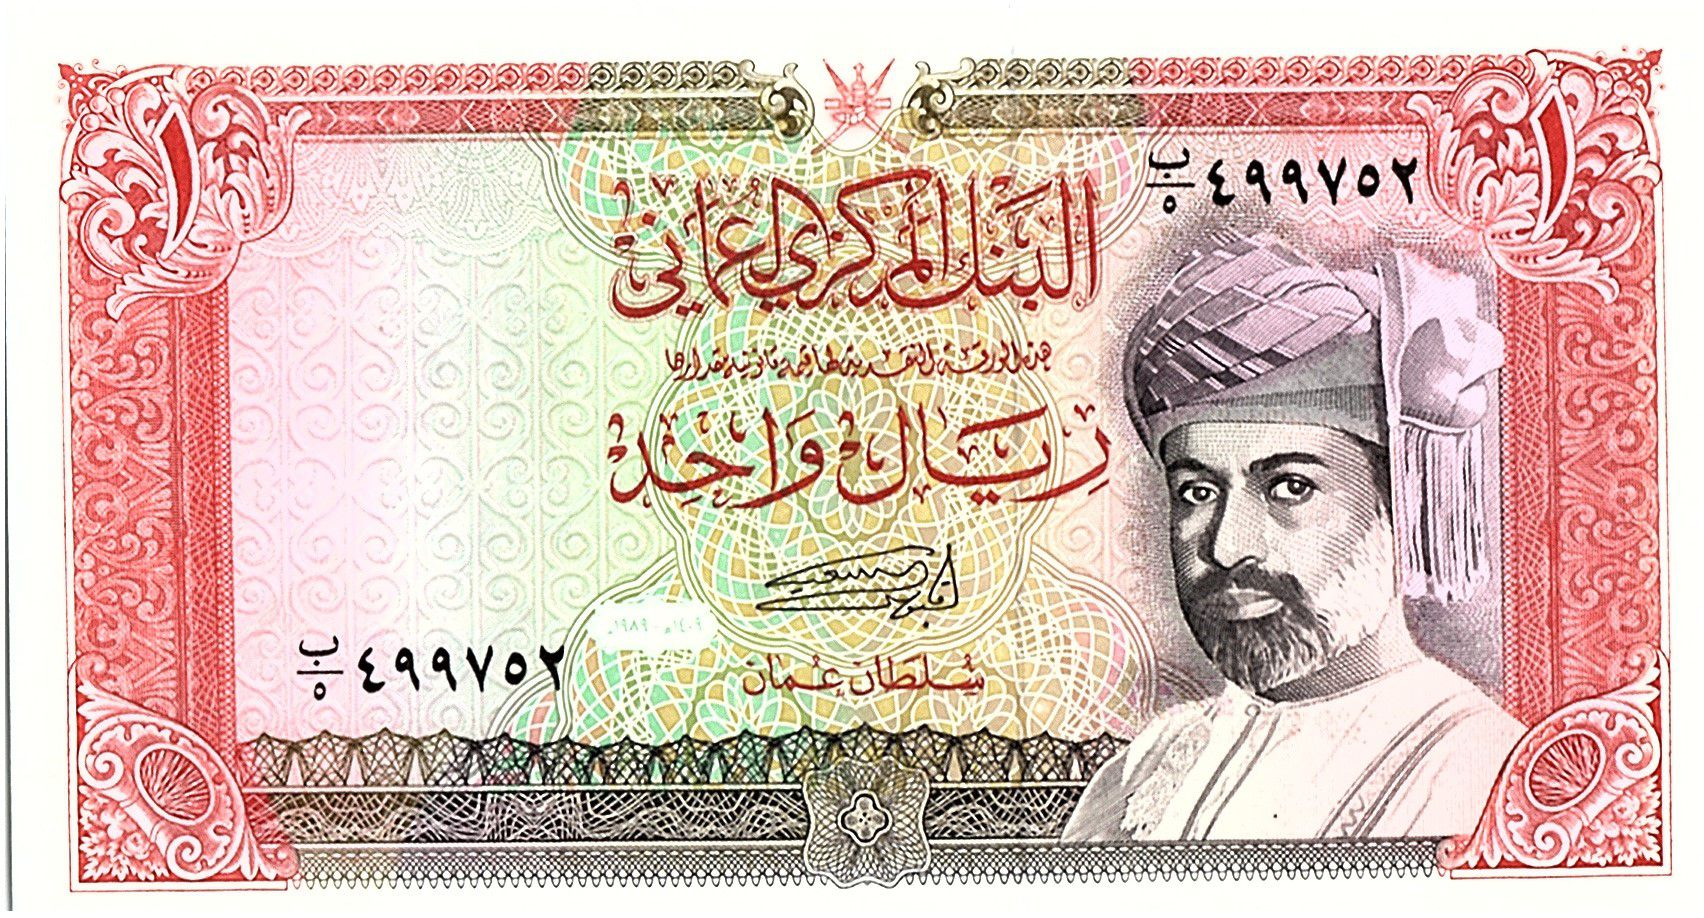 Oman 1 Rial, Sultan Qaboos - Fort Sohar - 1989 - P.26 b